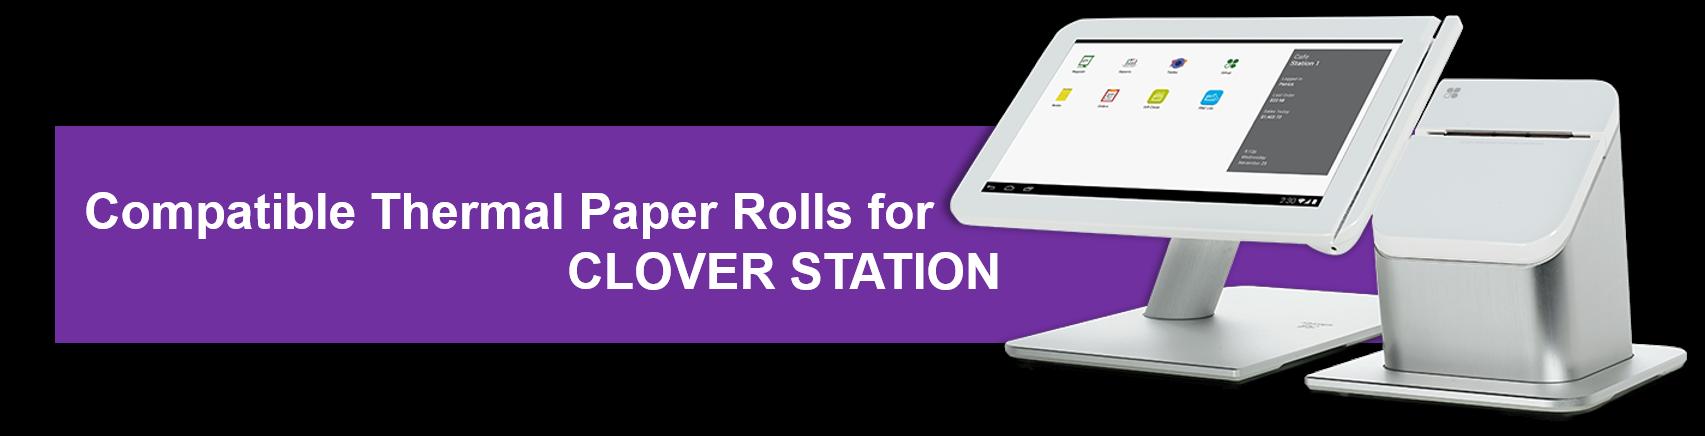 clover-station-banner.png